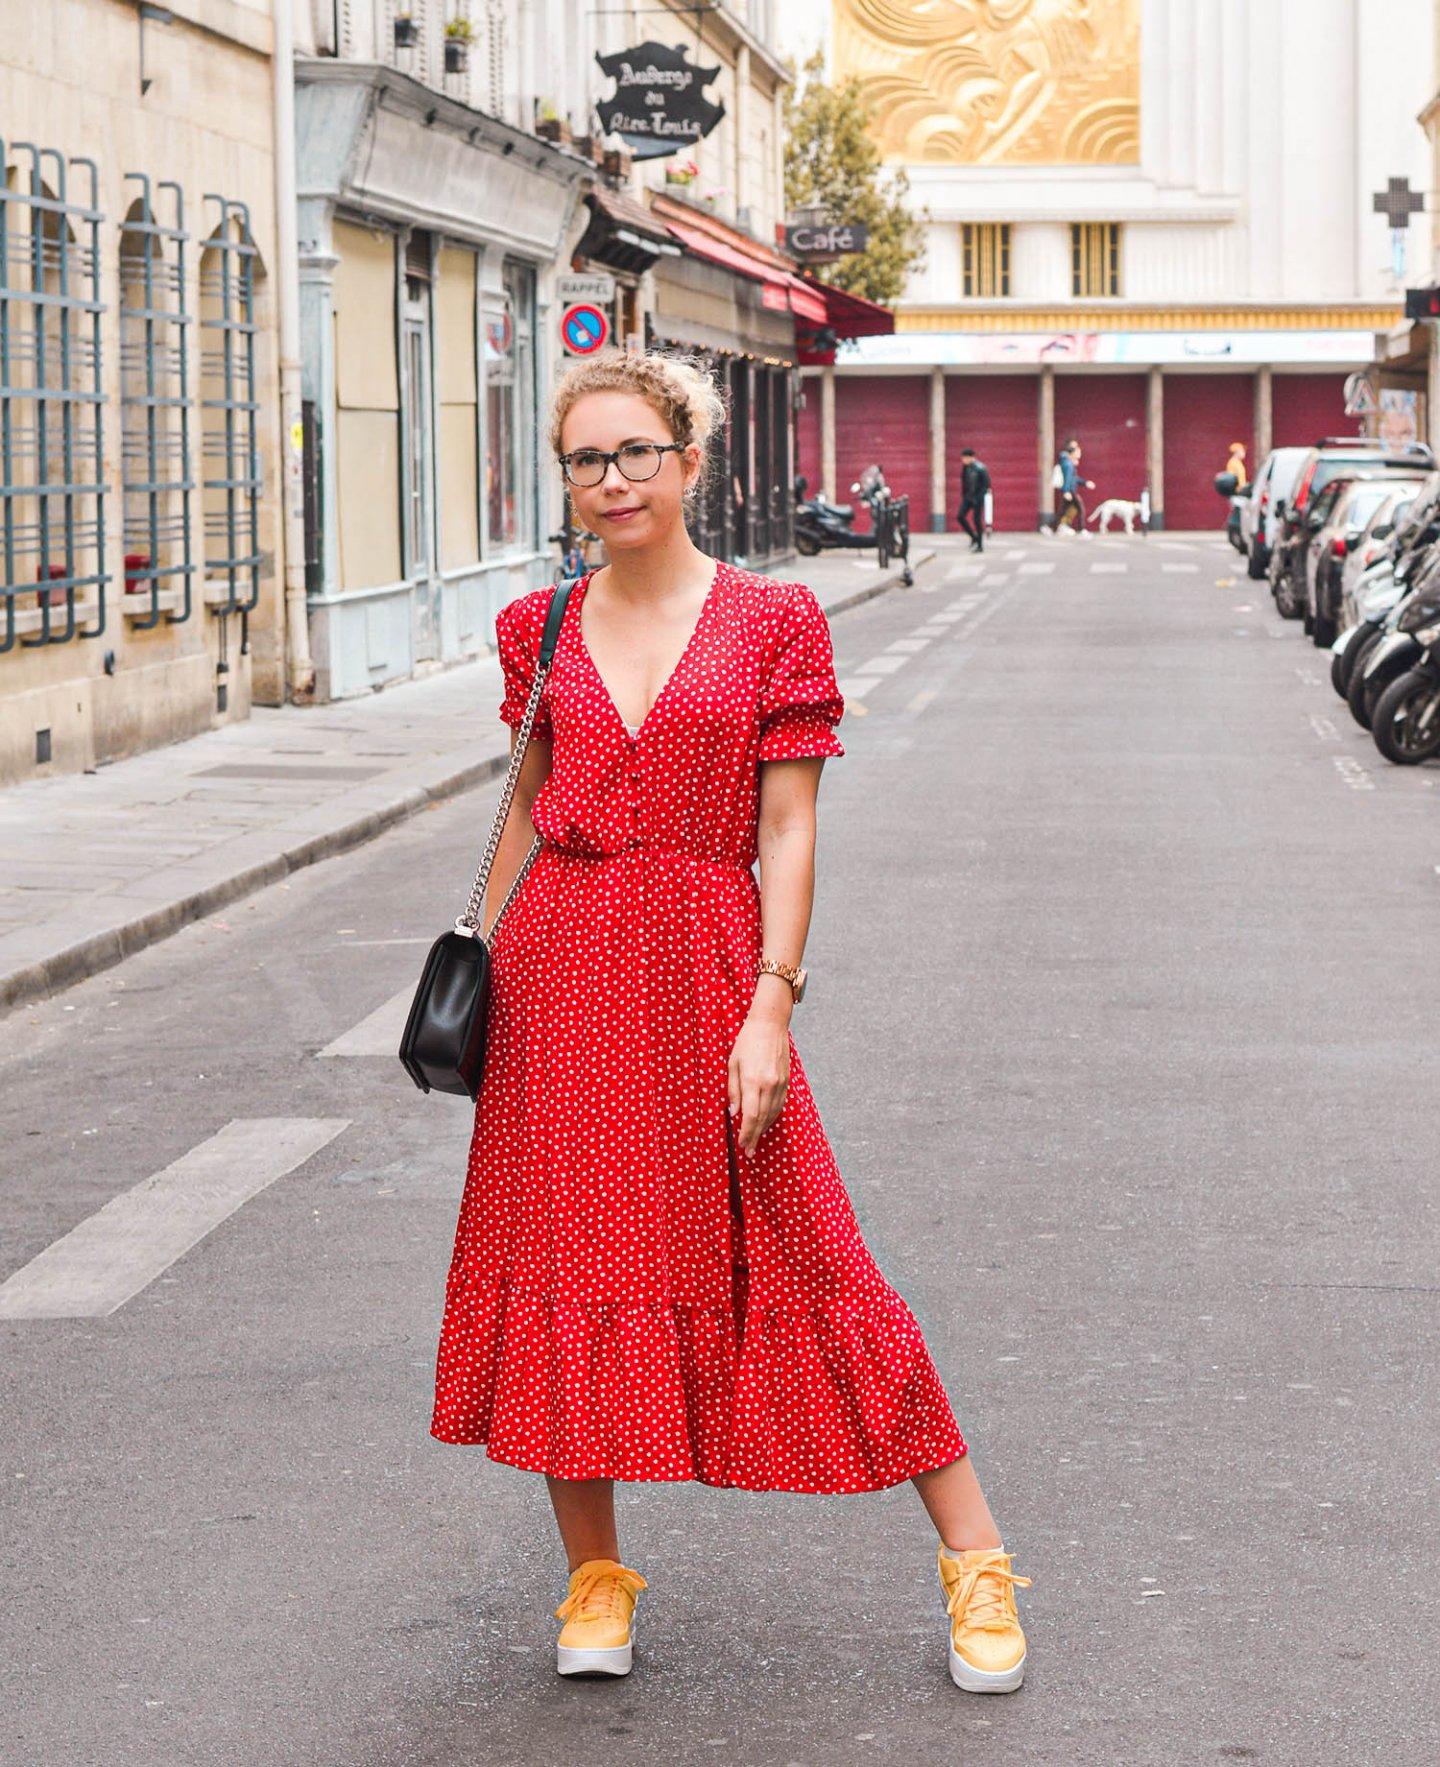 rotes pünktchenkleid von Zara